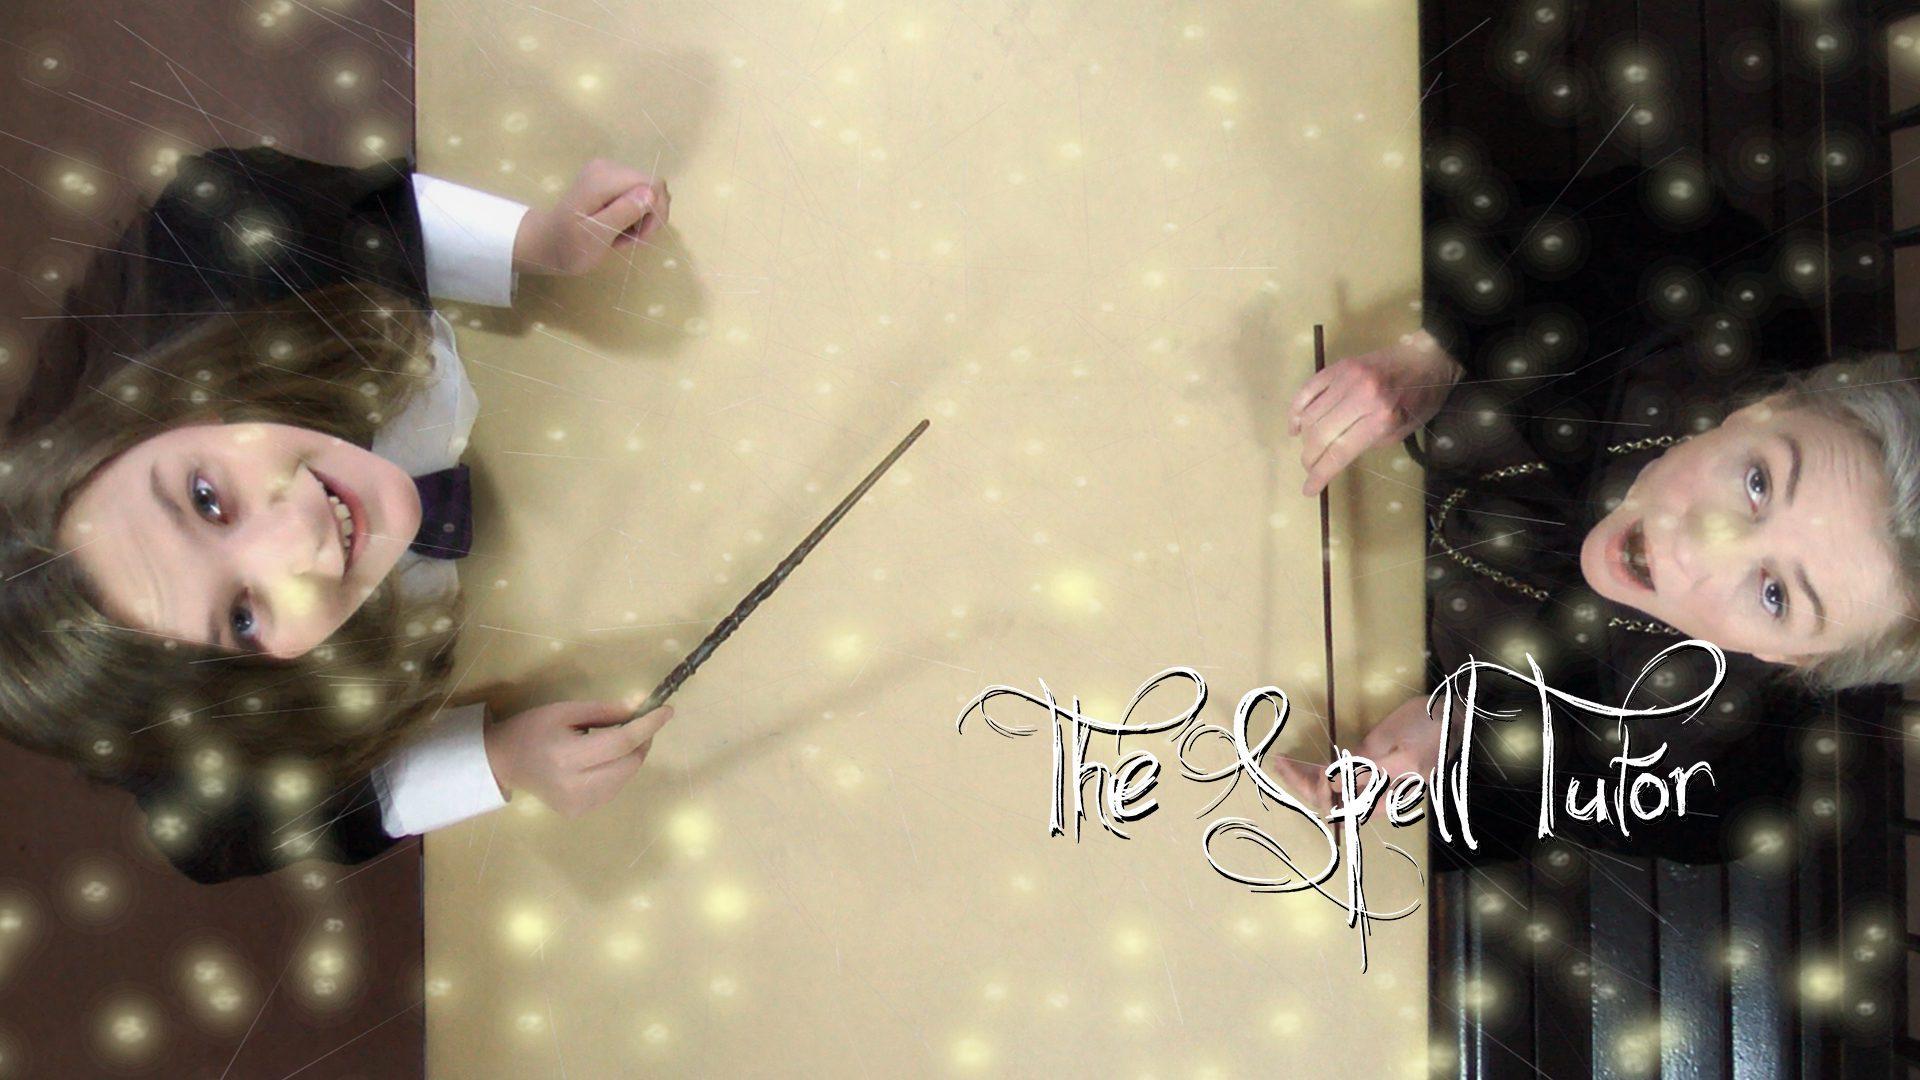 The Spell Tutor Season 01 Episode 02